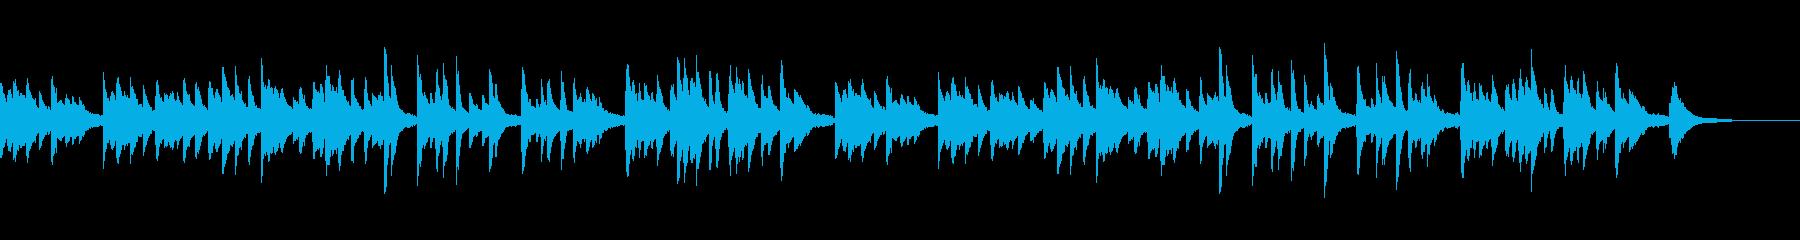 爽やかで力強さもあるピアノBGMの再生済みの波形